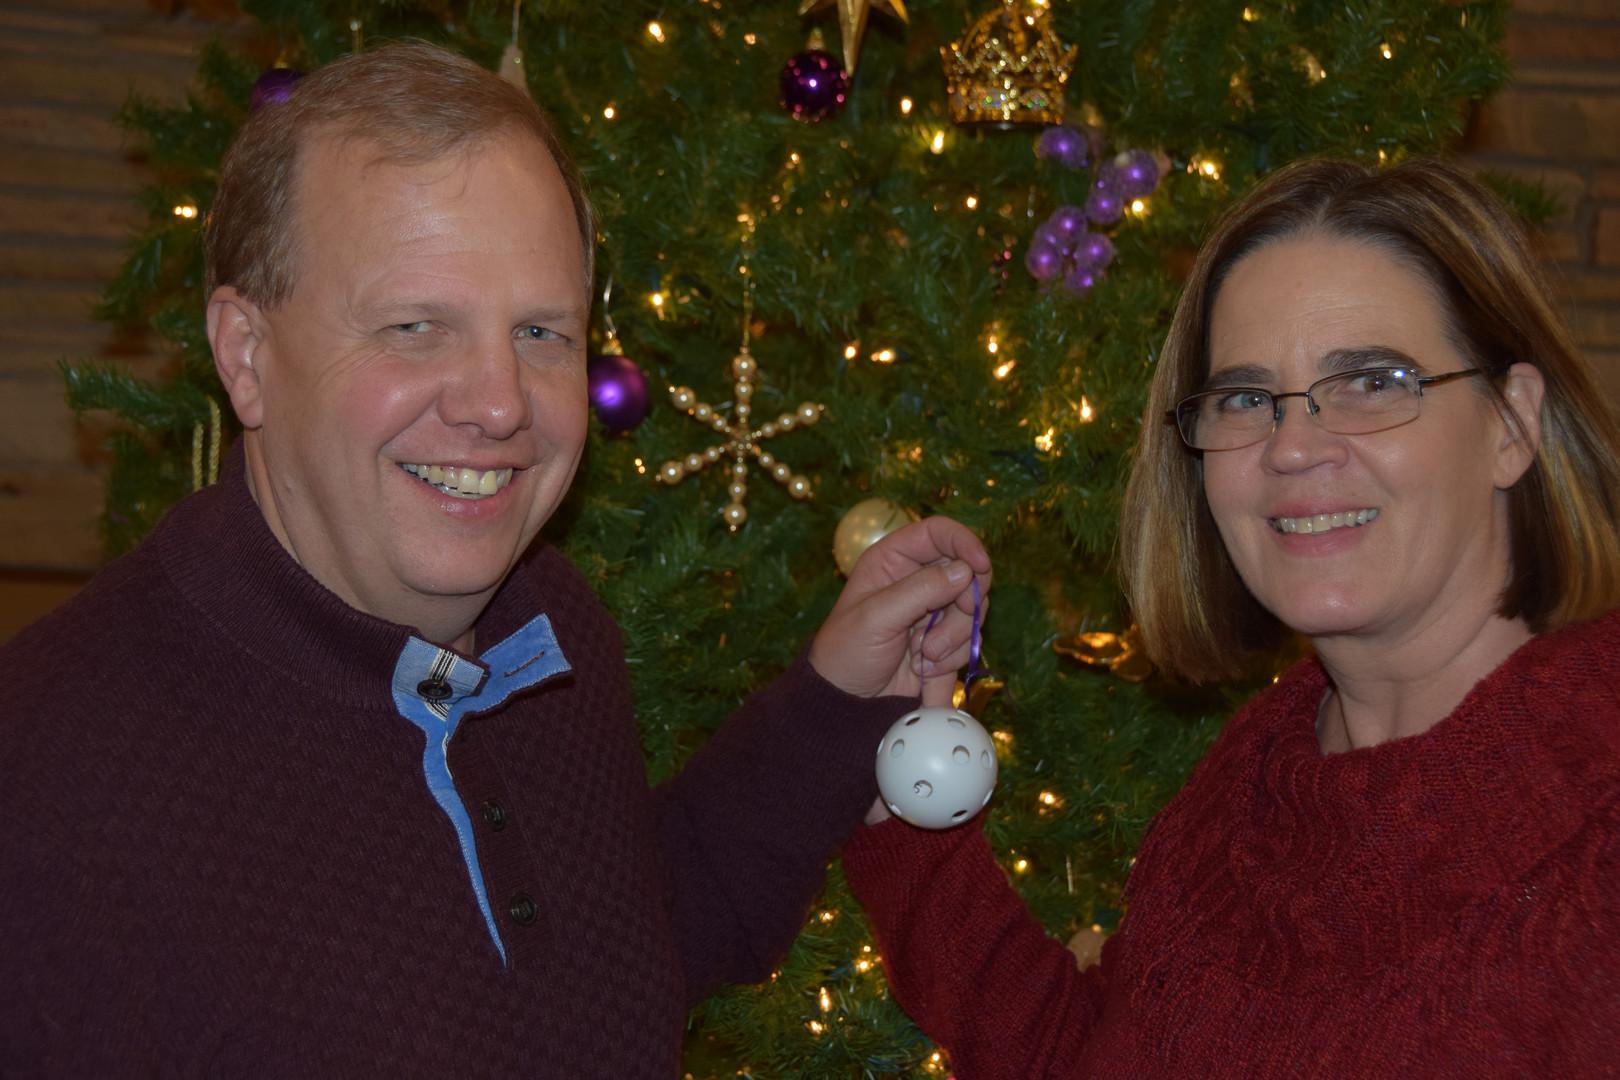 Mark and Elizabeth sharing joy together!